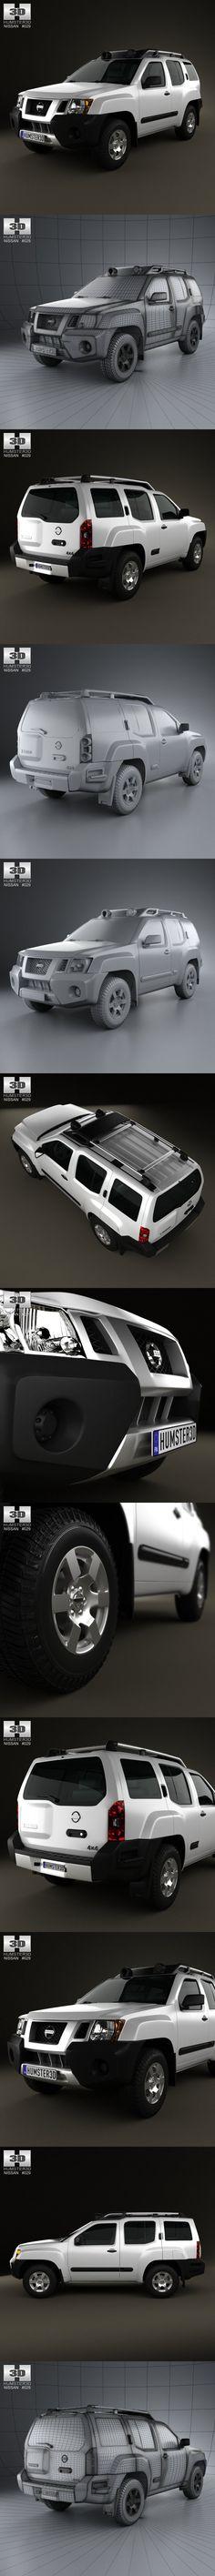 Nissan Xterra 2012. 3D Vehicles